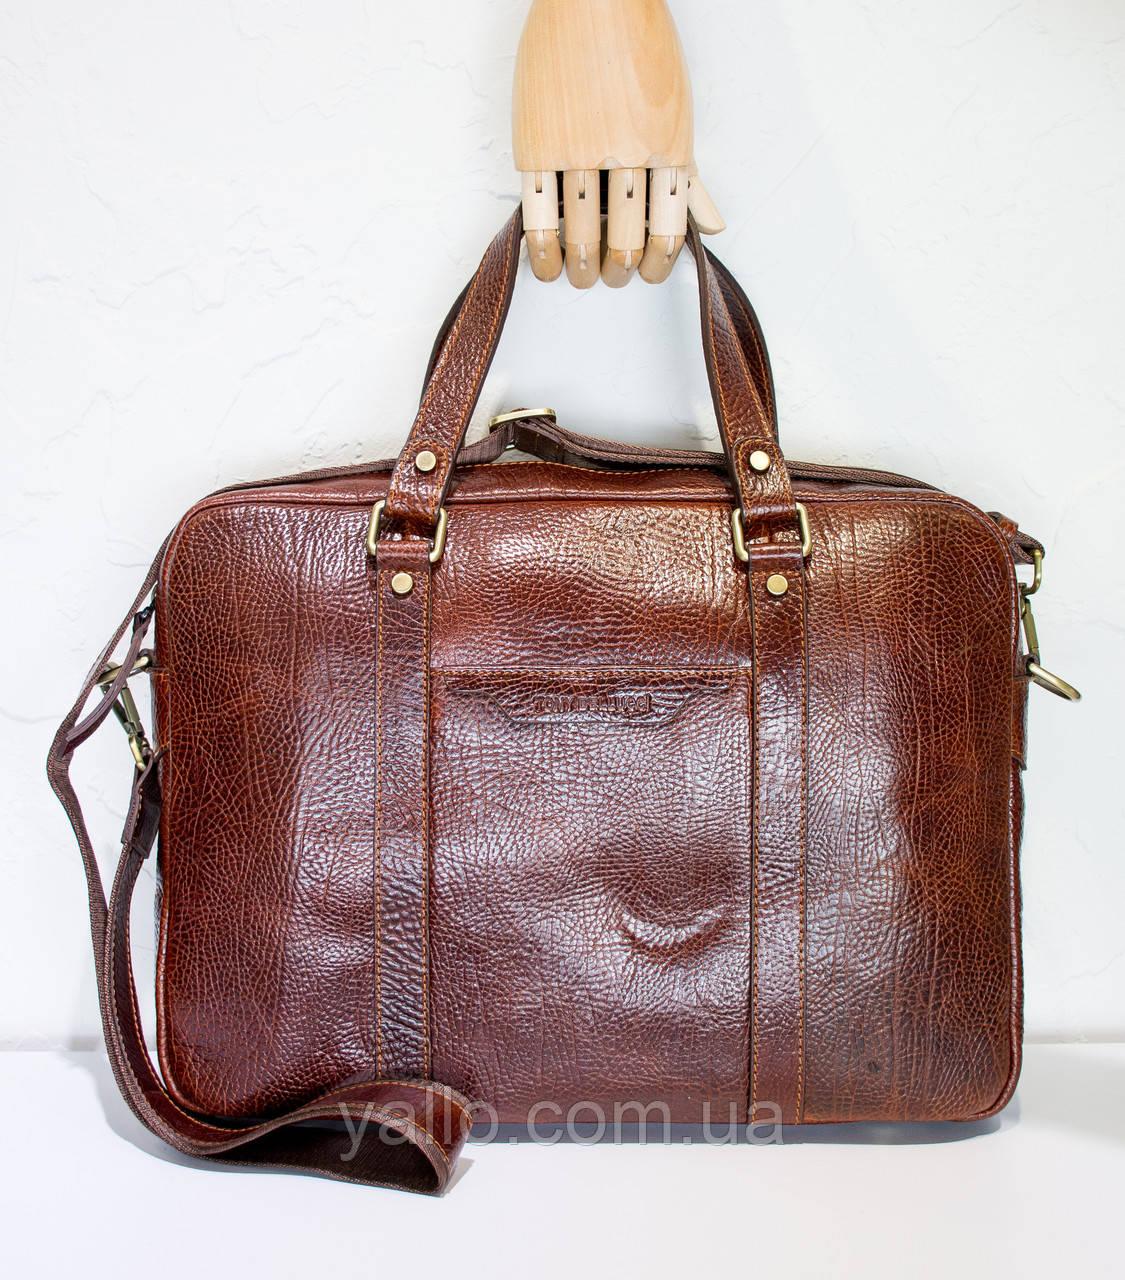 Мужская кожаная сумка Tony Belluccci T5075-896